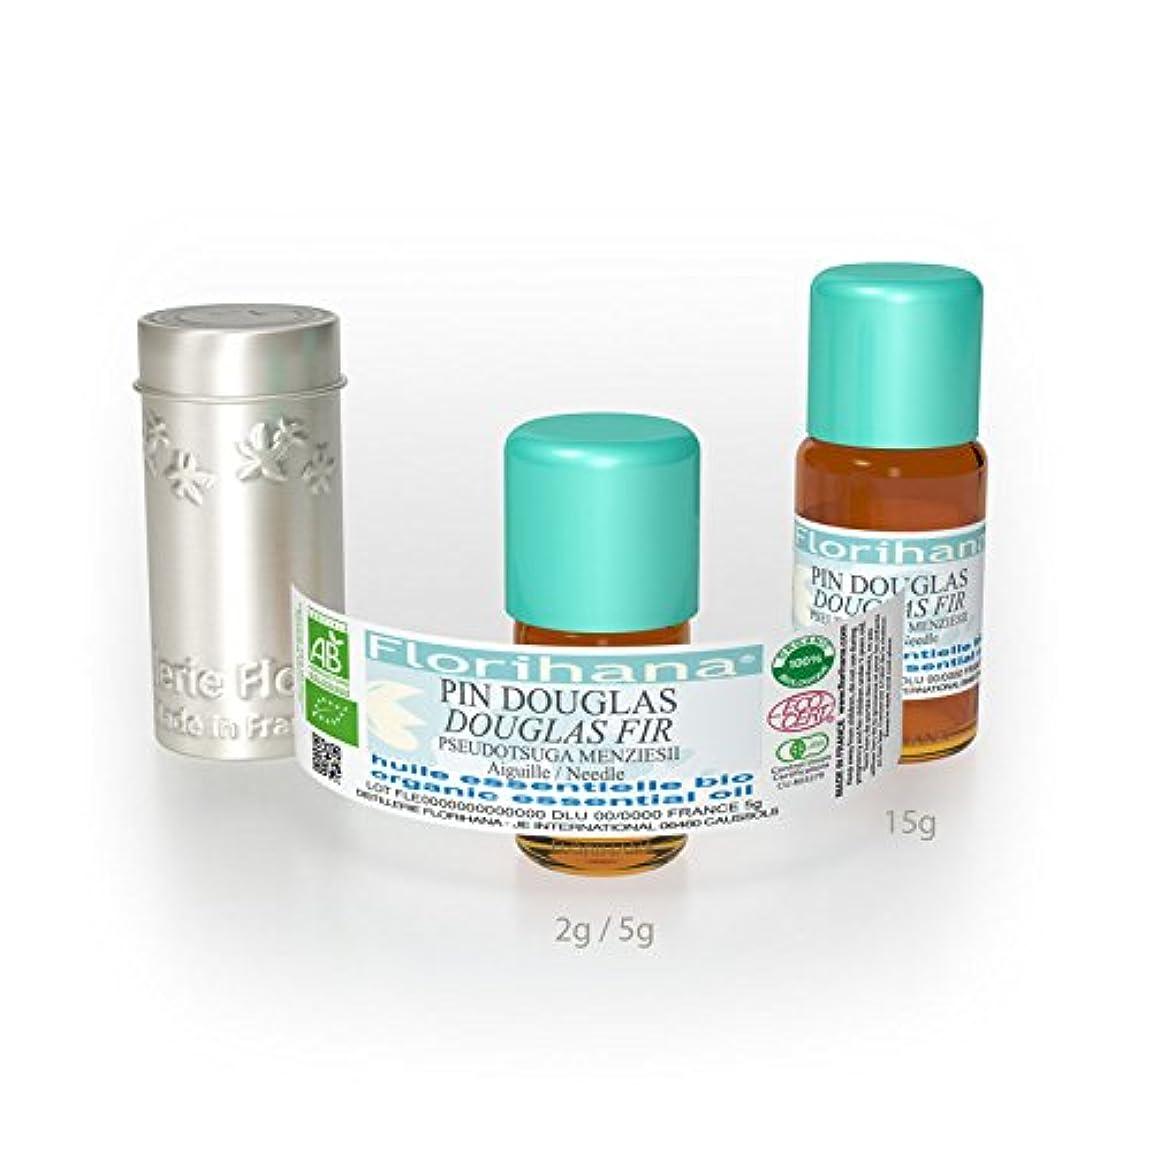 抑制する累計バーストオーガニック エッセンシャルオイル ダグラスファー5g(5.6ml)